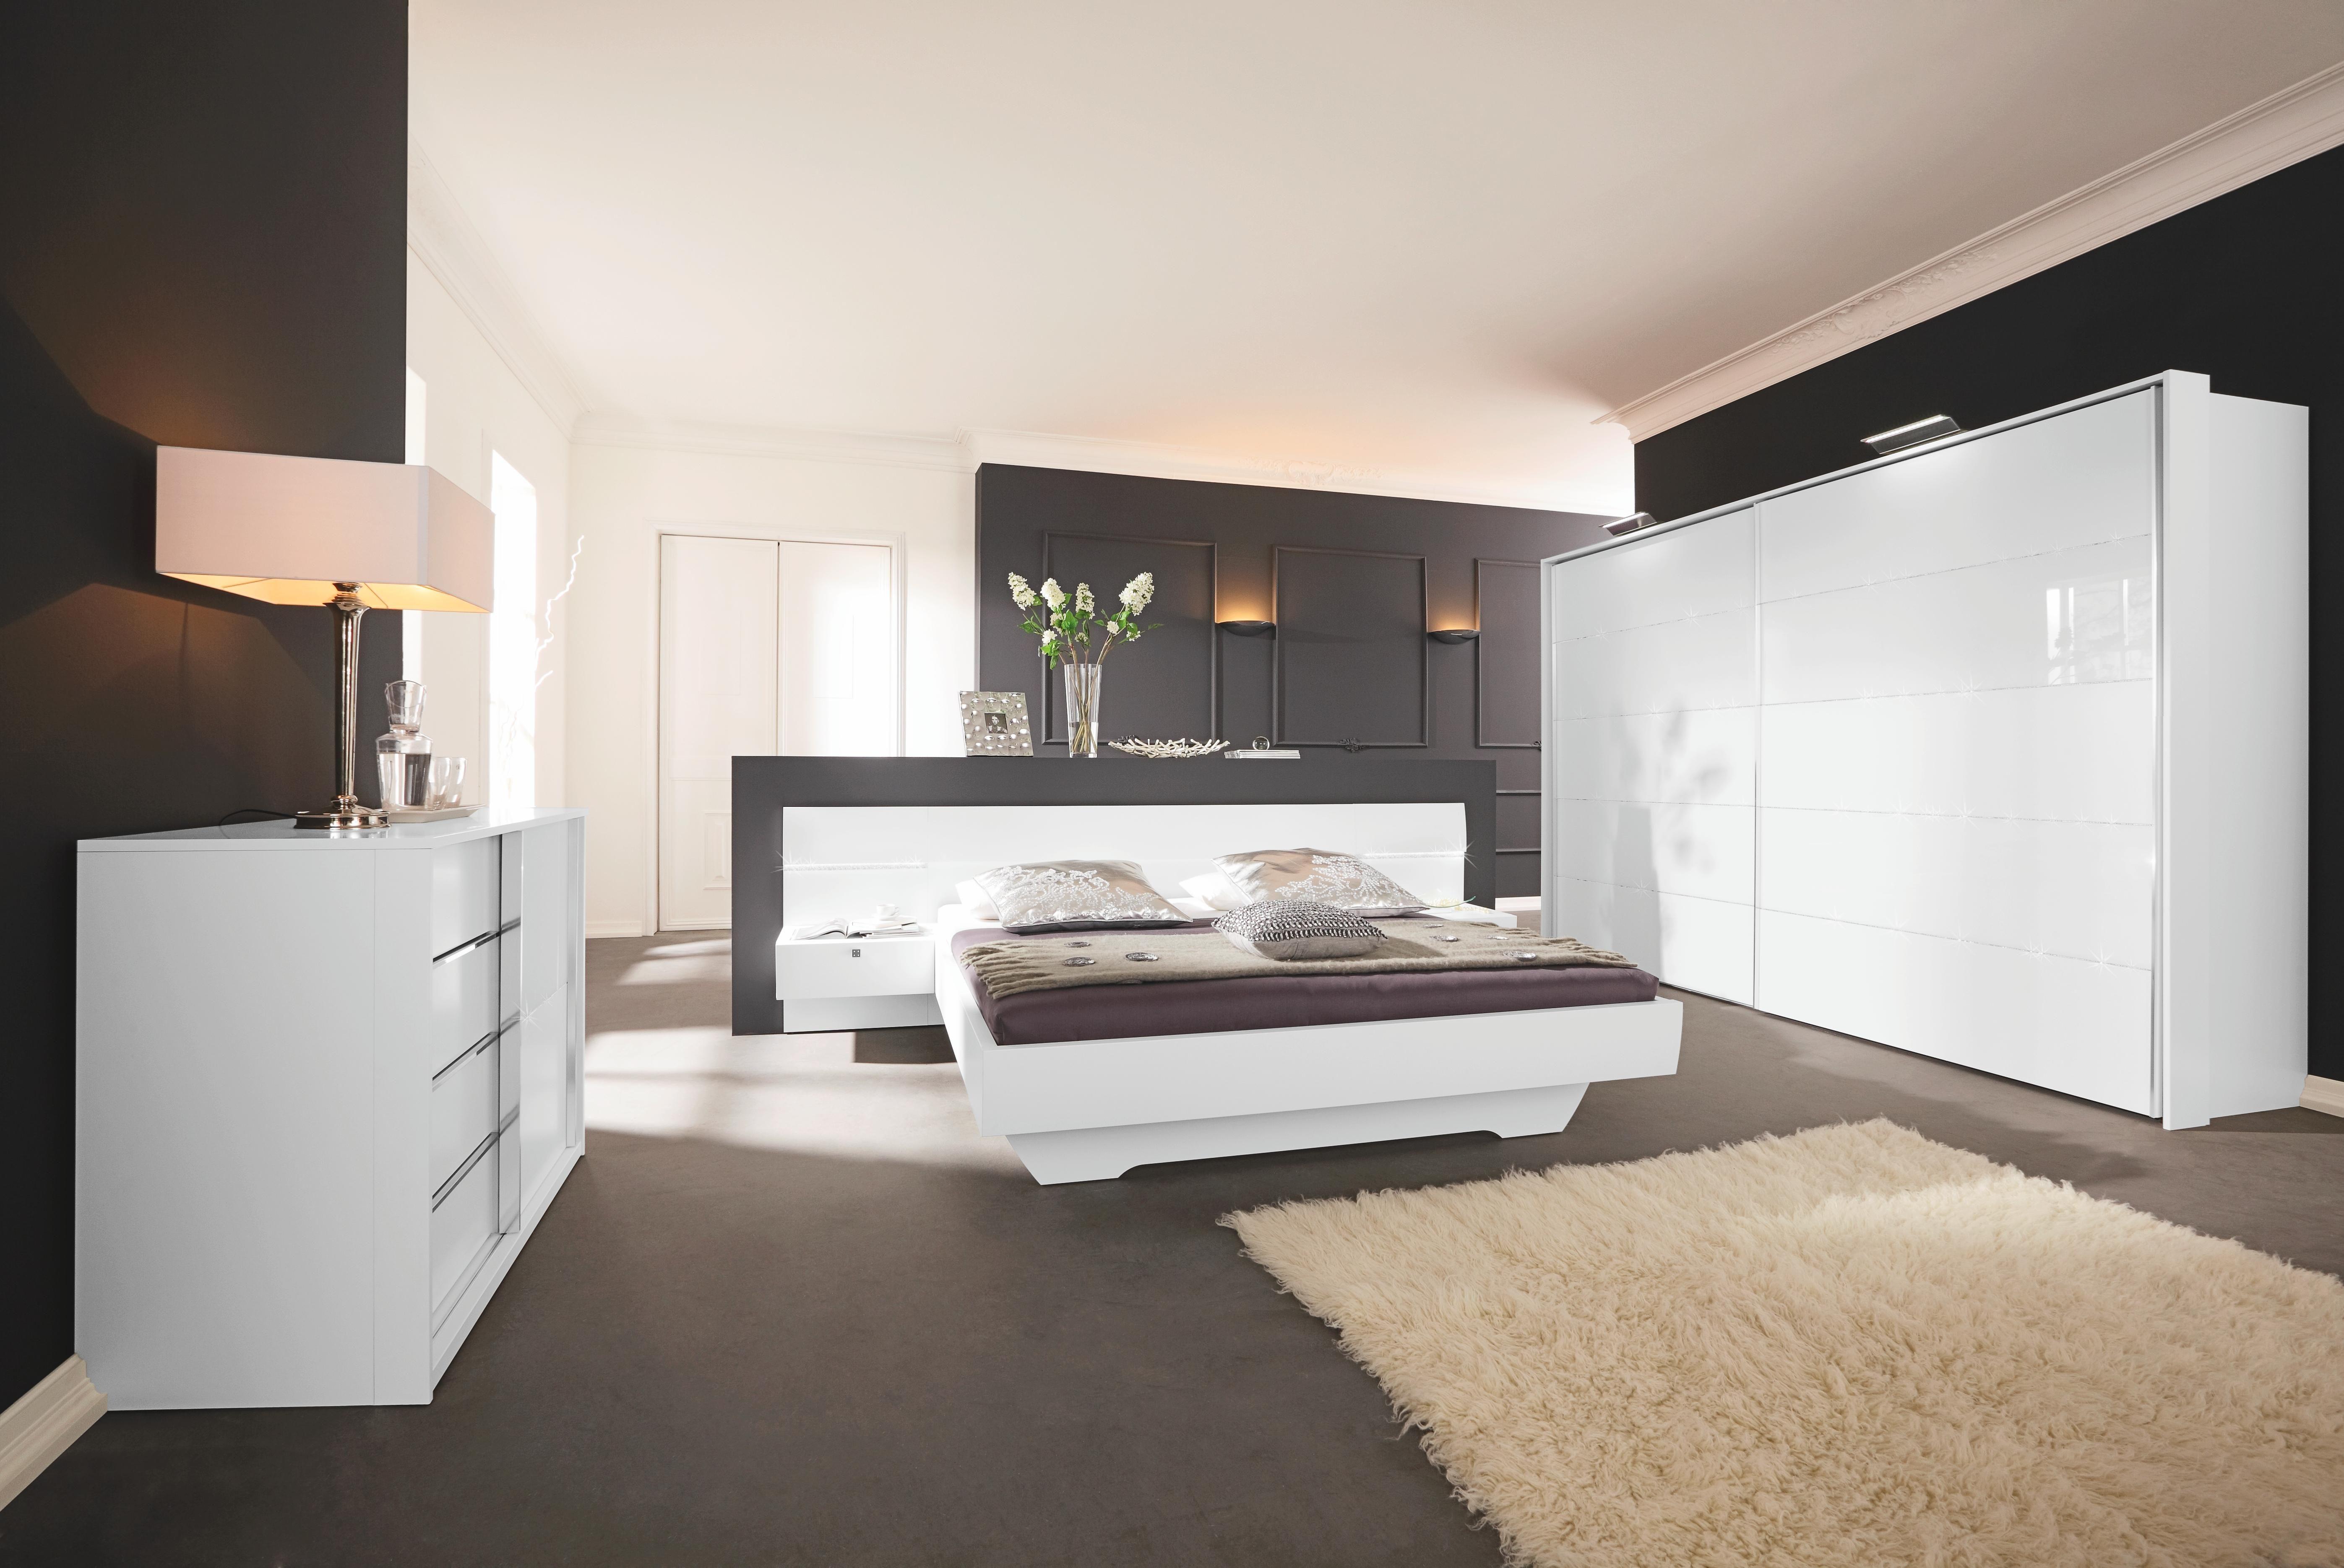 Modernes Bett für süße Träume. Gestalten Sie Ihr